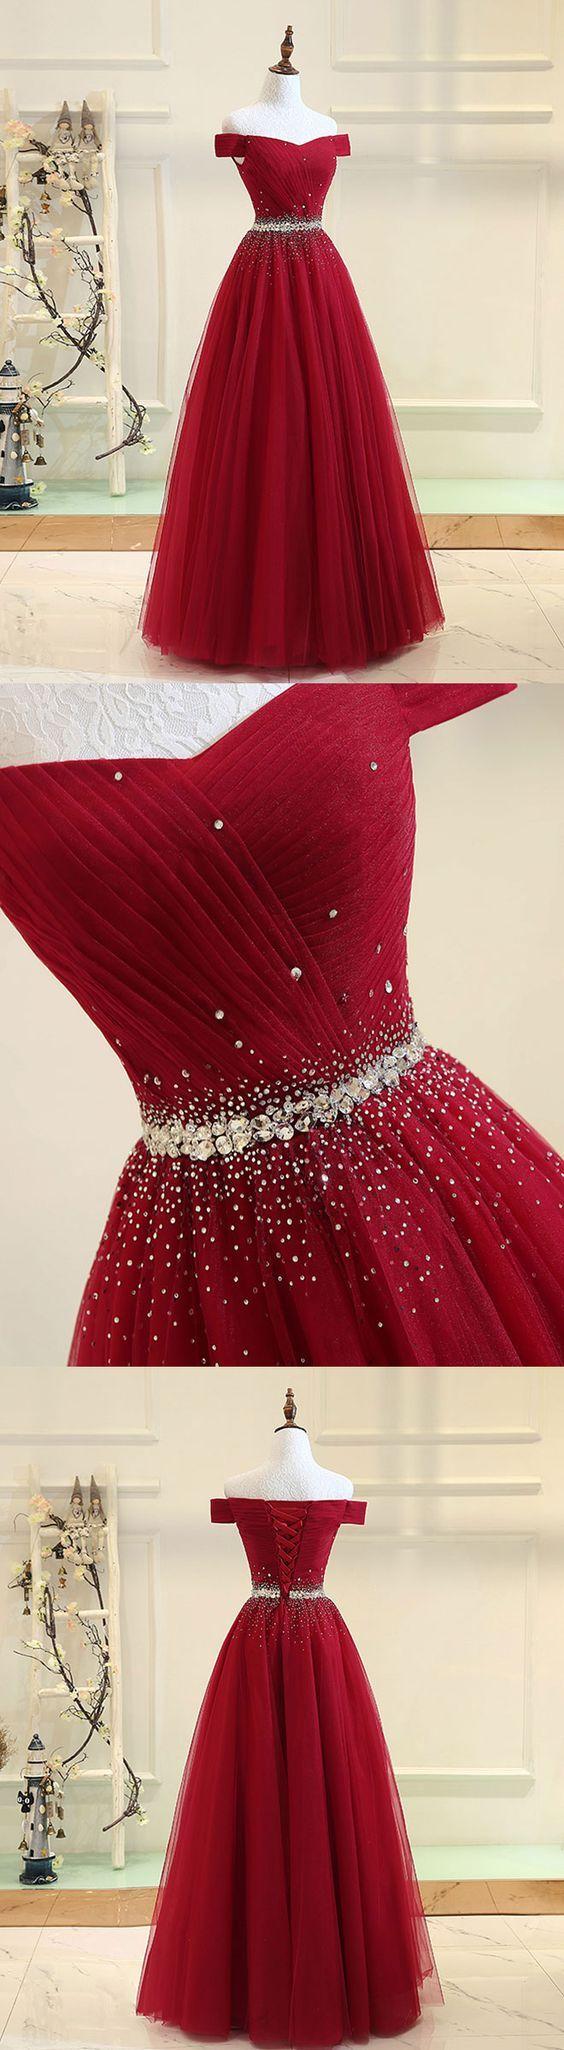 Burgundy tulle off shoulder long prom dress, burgundy evening dress M1204